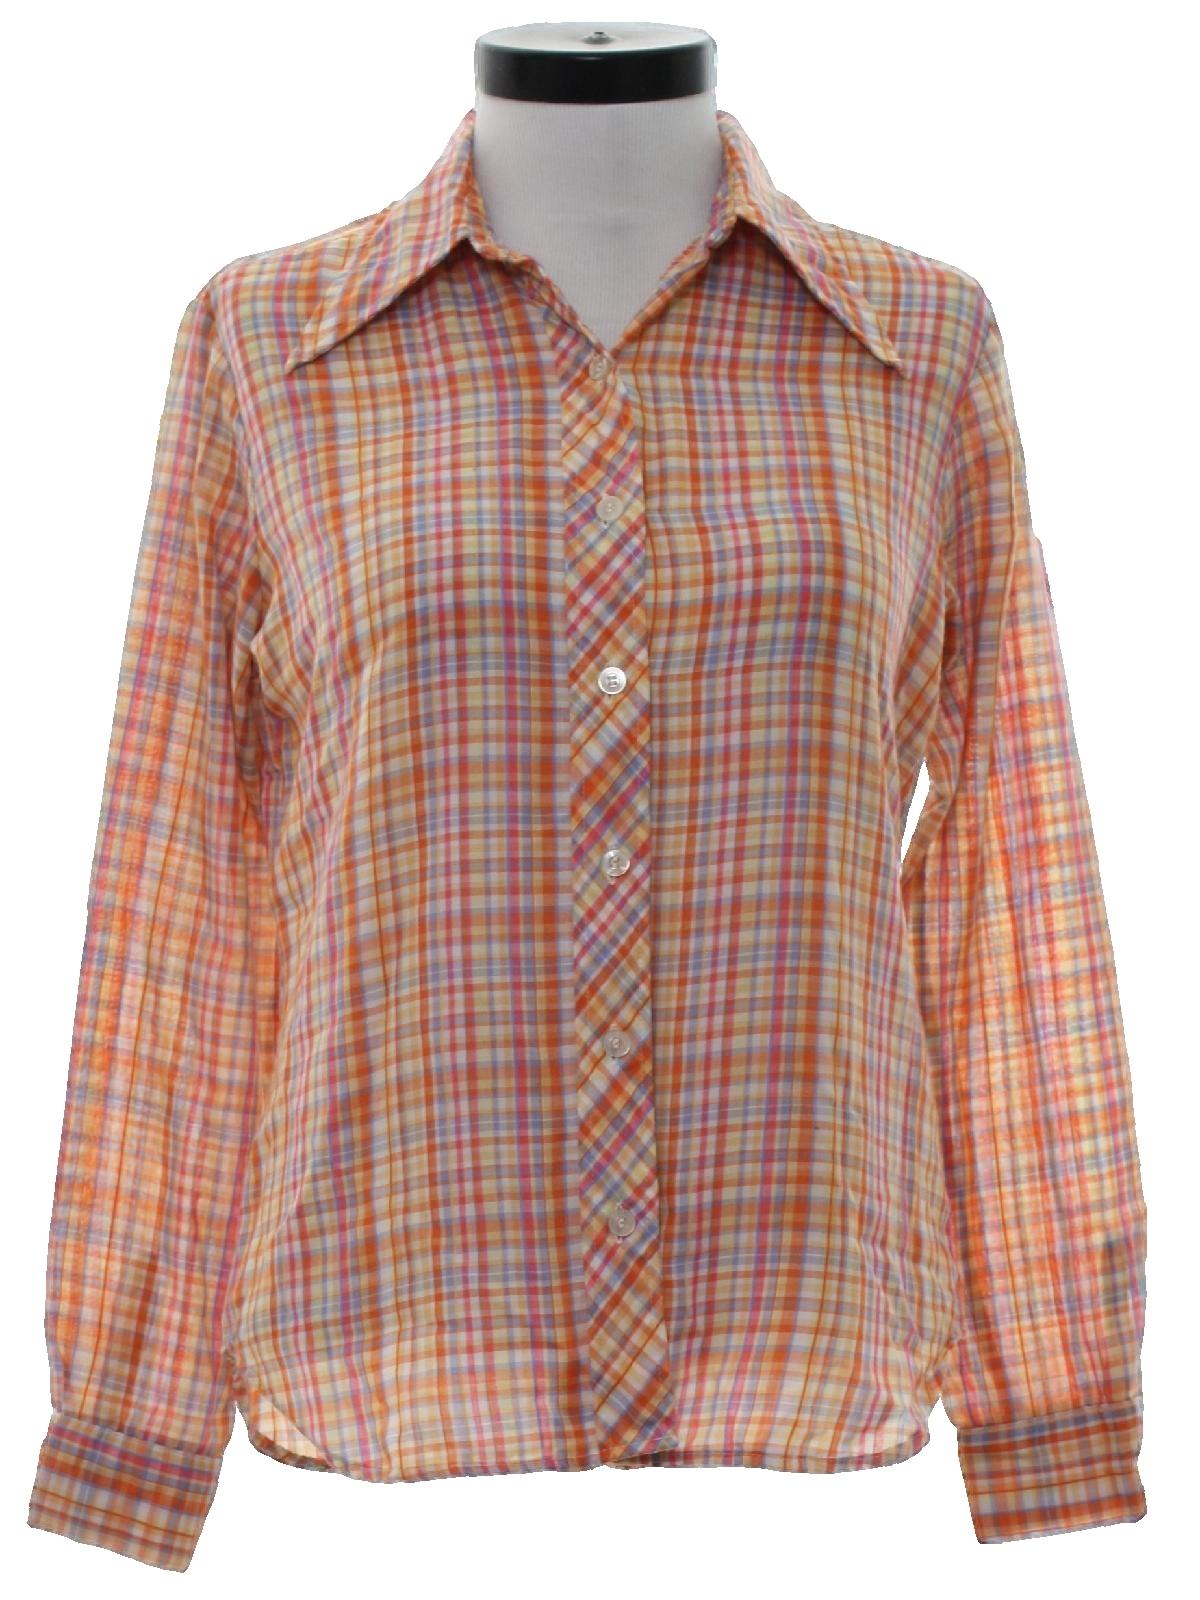 70s Retro Shirt 70s Maverick Womens Orange Yellow